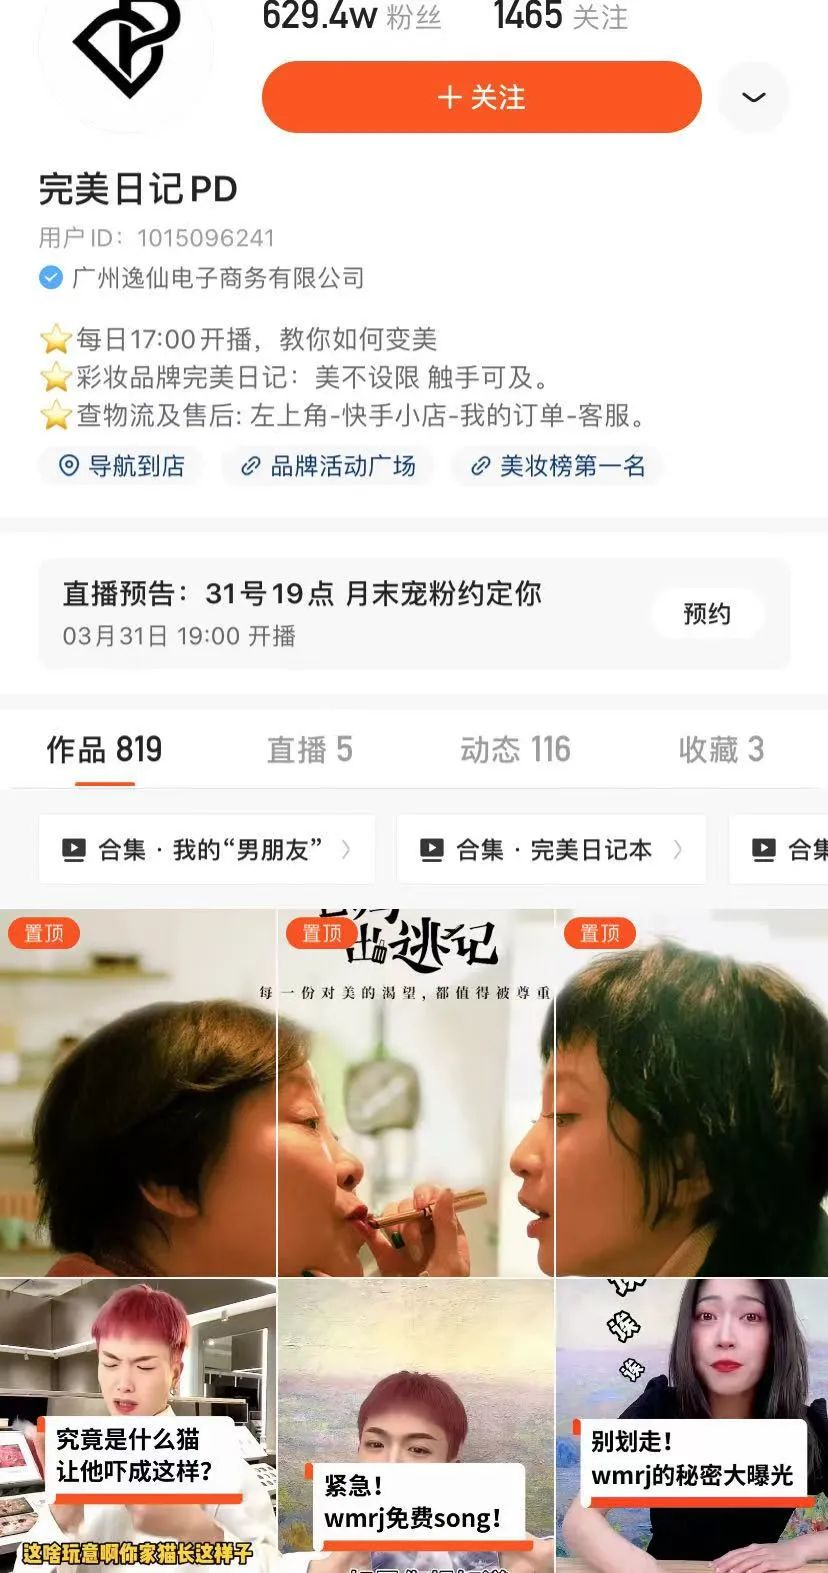 艾瑞Z世代报告:快手23岁以下美妆消费人群增幅81.5%!-第16张图片-周小辉博客